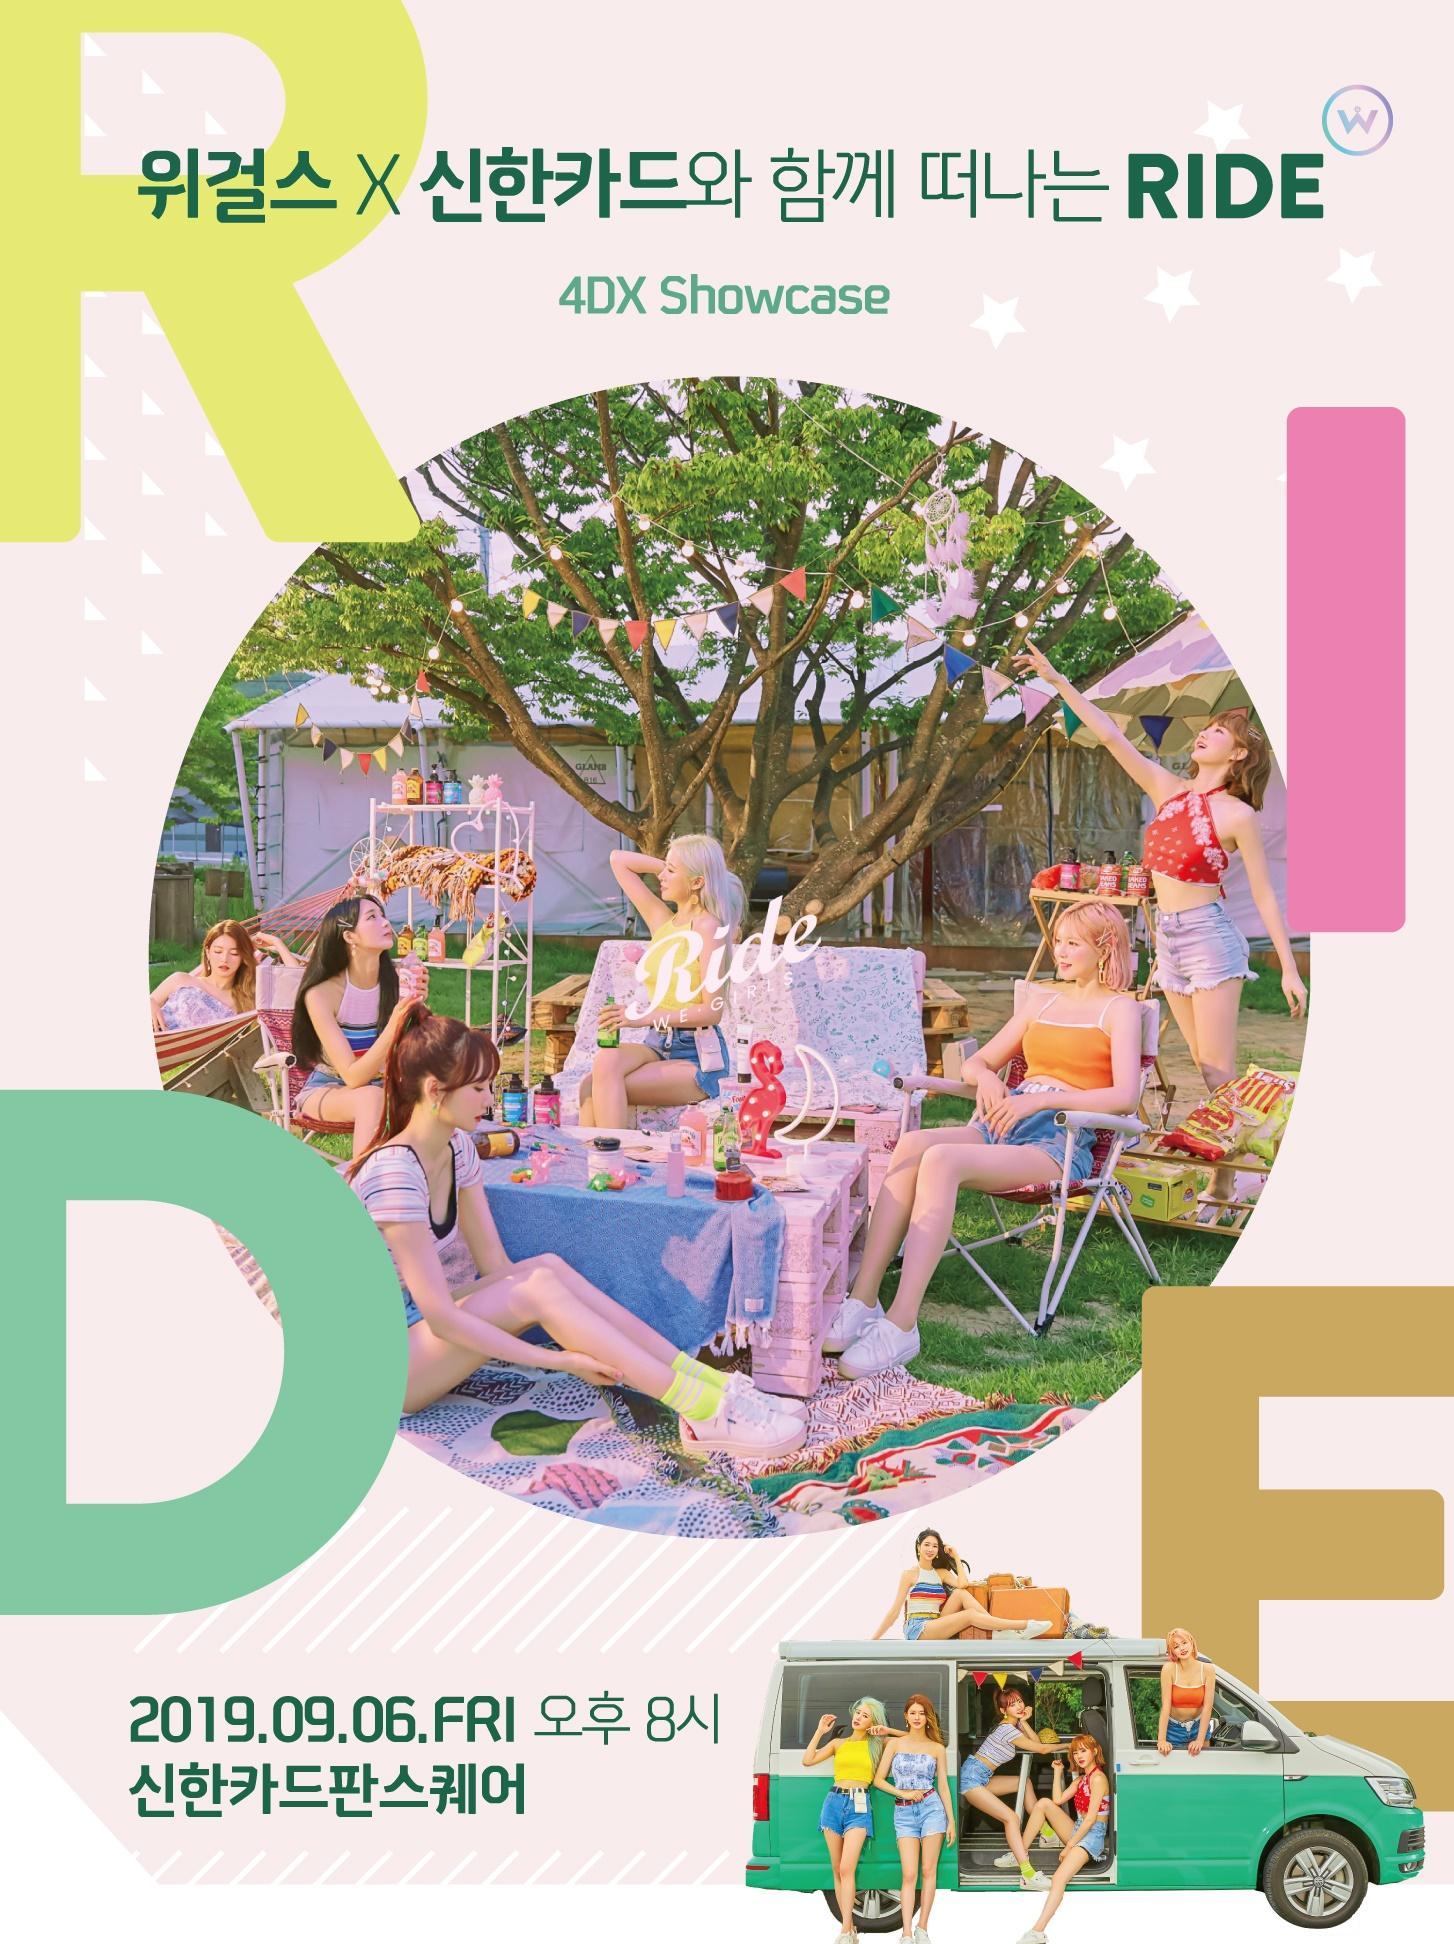 위걸스, 9월6일 캠핑 콘셉 담은 4D 쇼케이스 개최